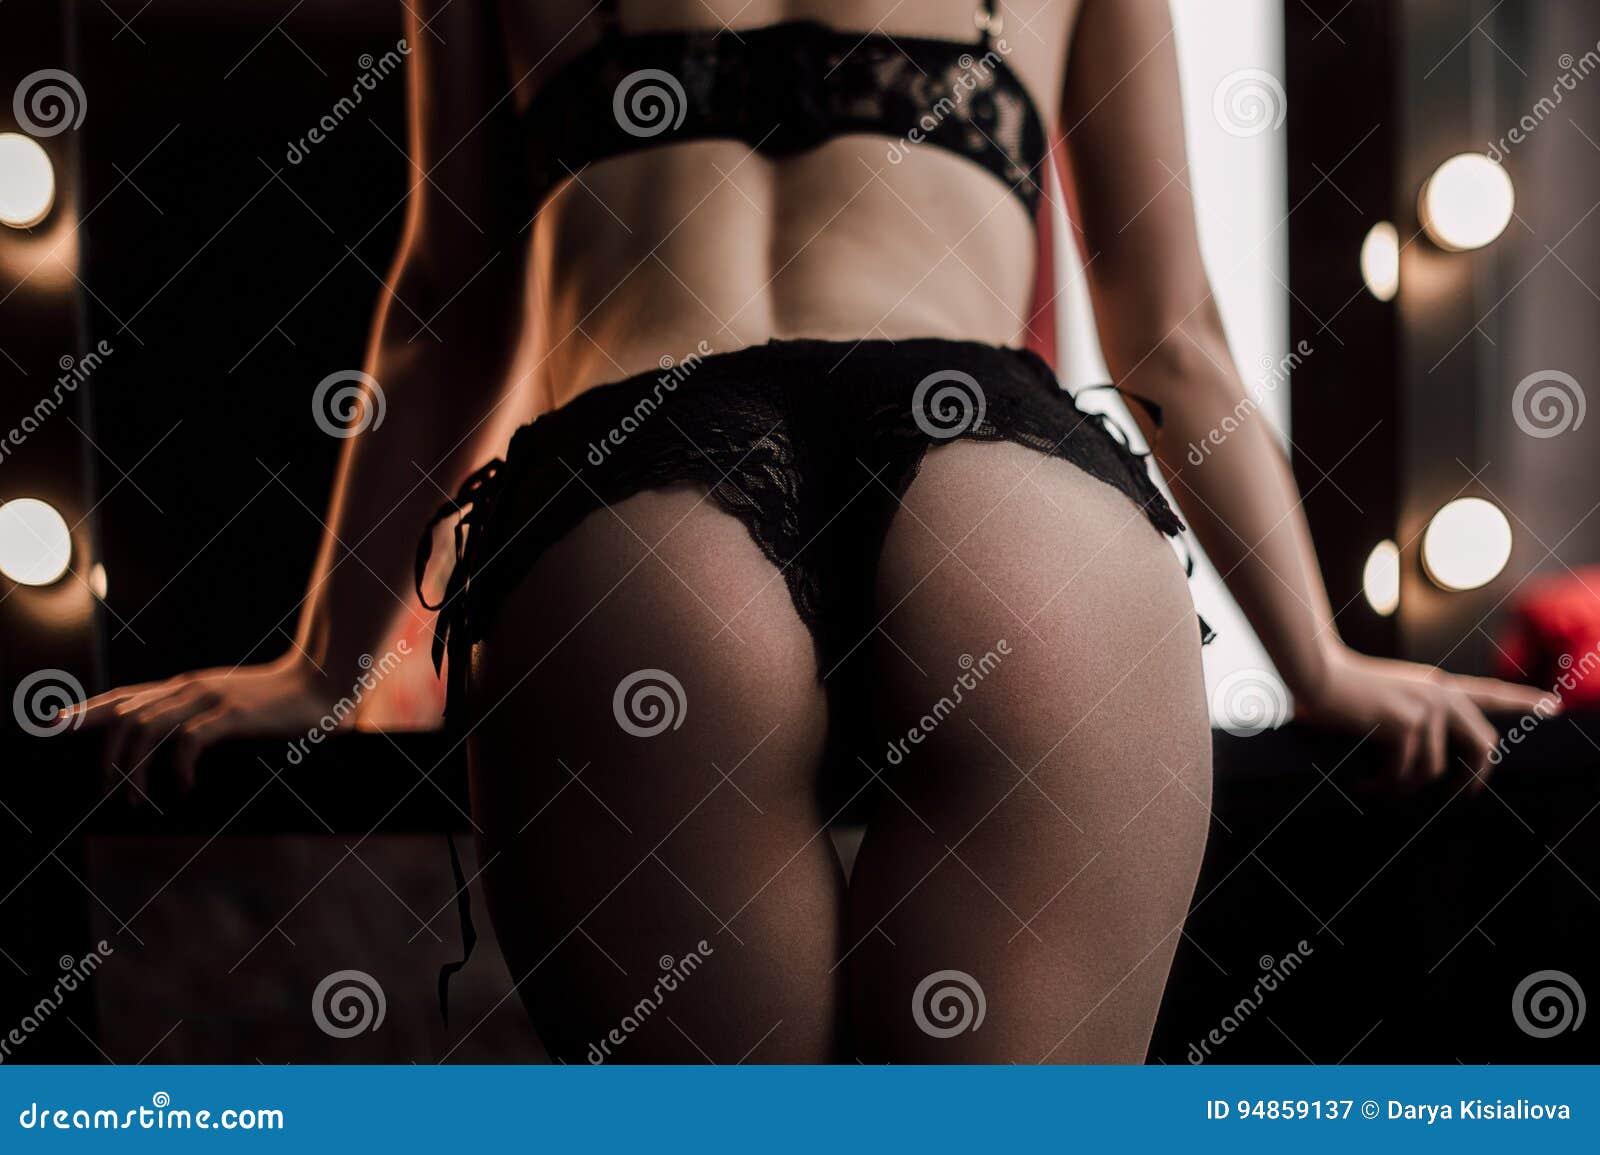 velikolepnoe-zhenskoe-telo-smotret-erotika-onlayn